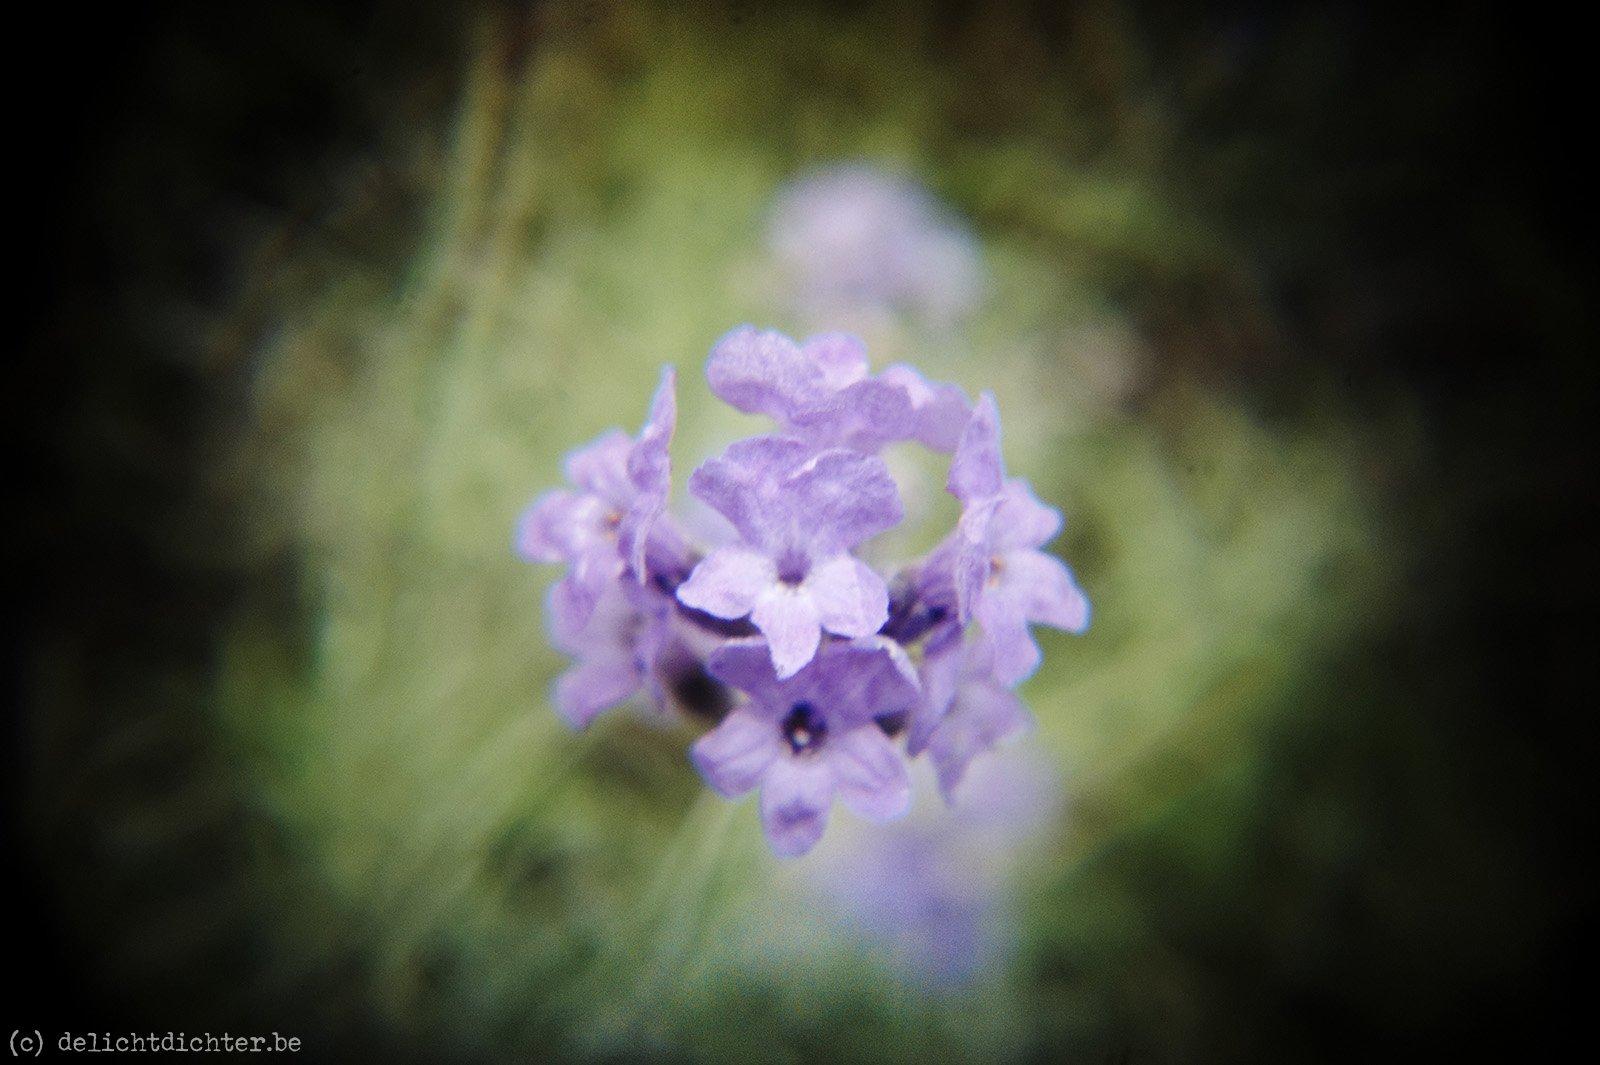 2011_06_Holga_20110626_075724_dxo